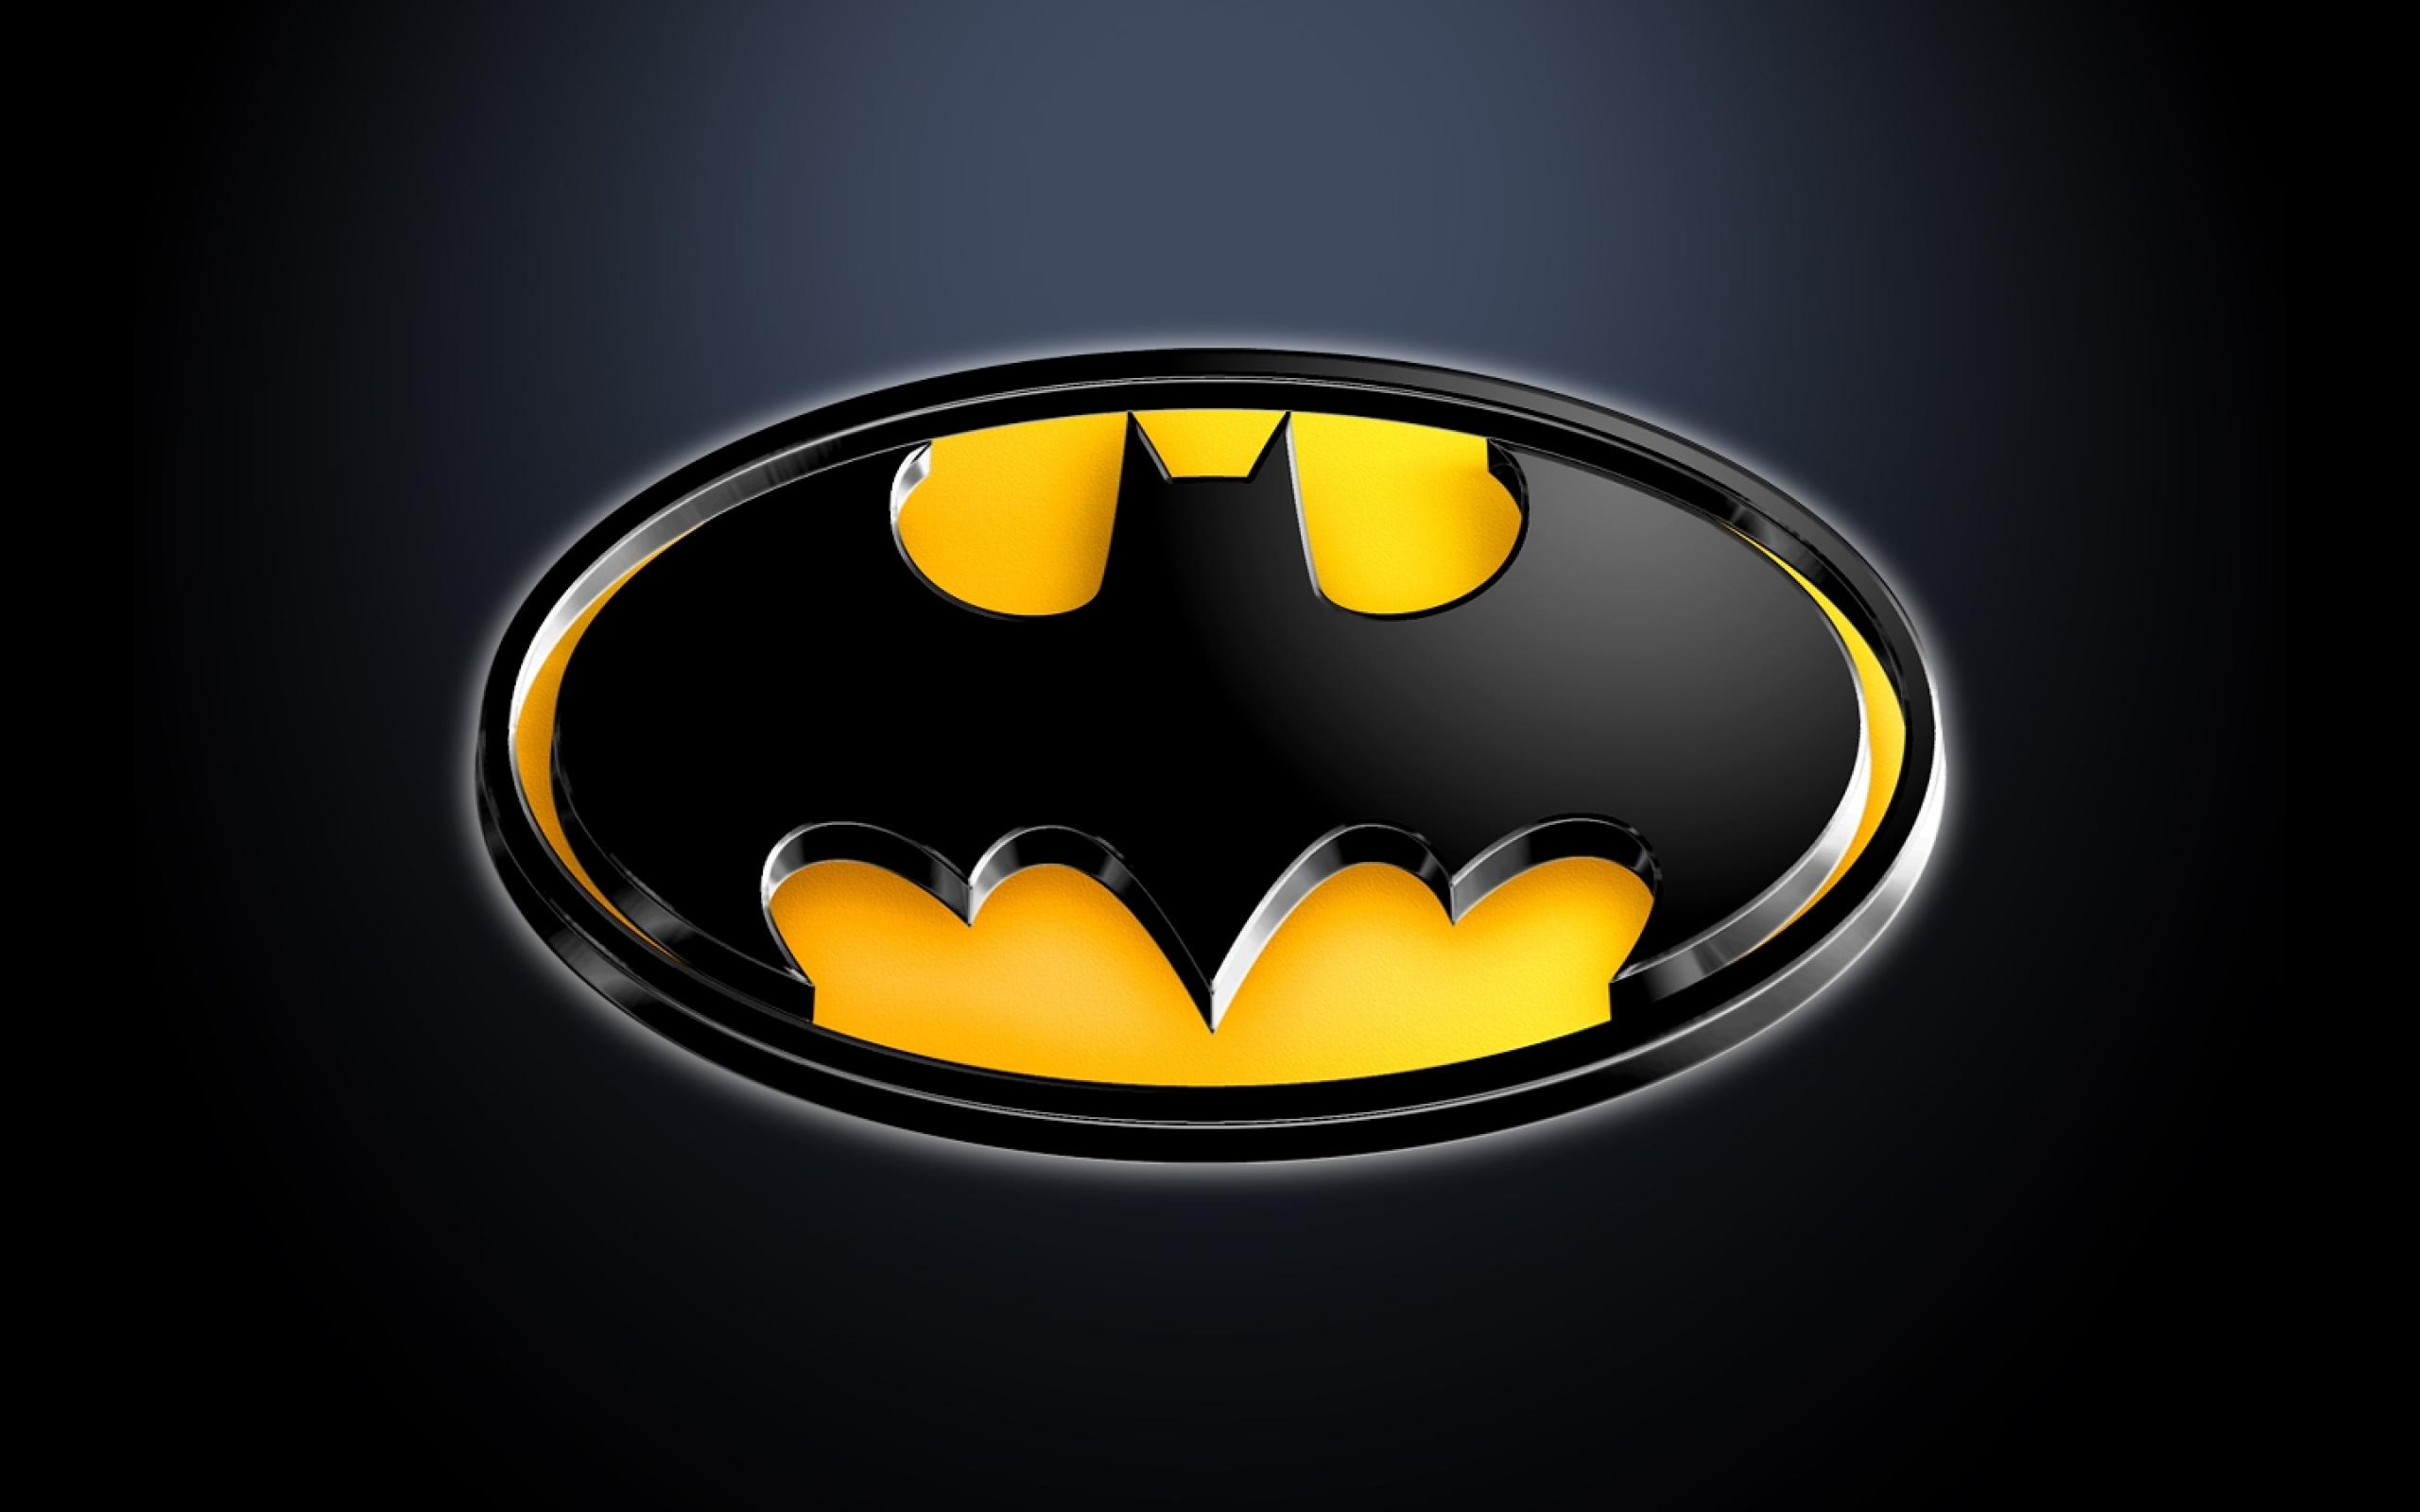 Batman Wallpaper Hd Wallpaper Batman Logo 113289 Hd